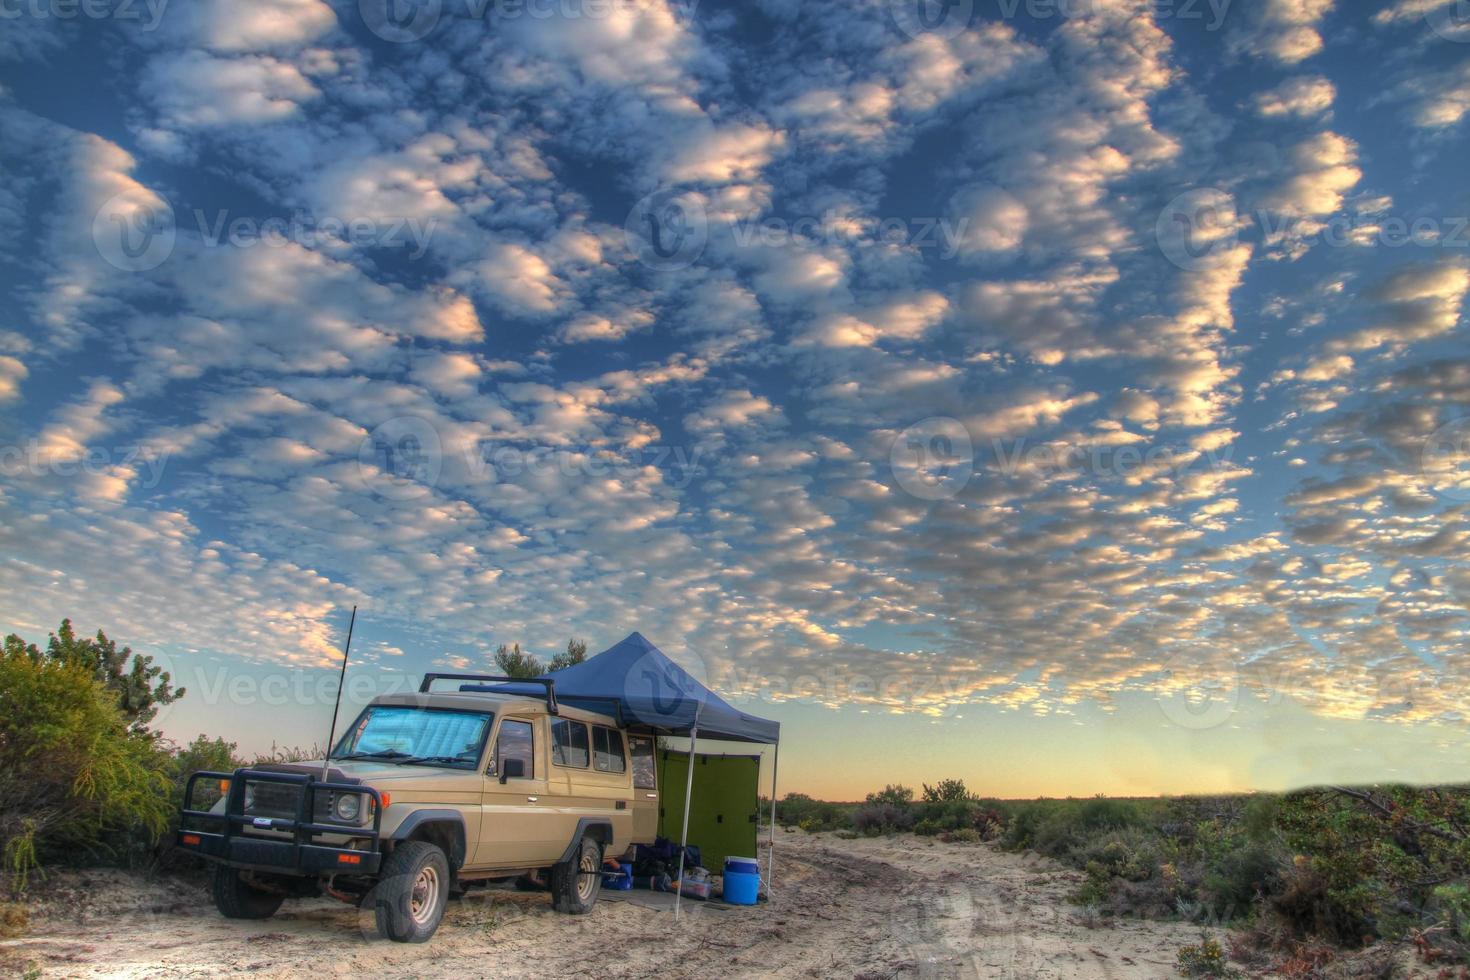 Outback Australien foto